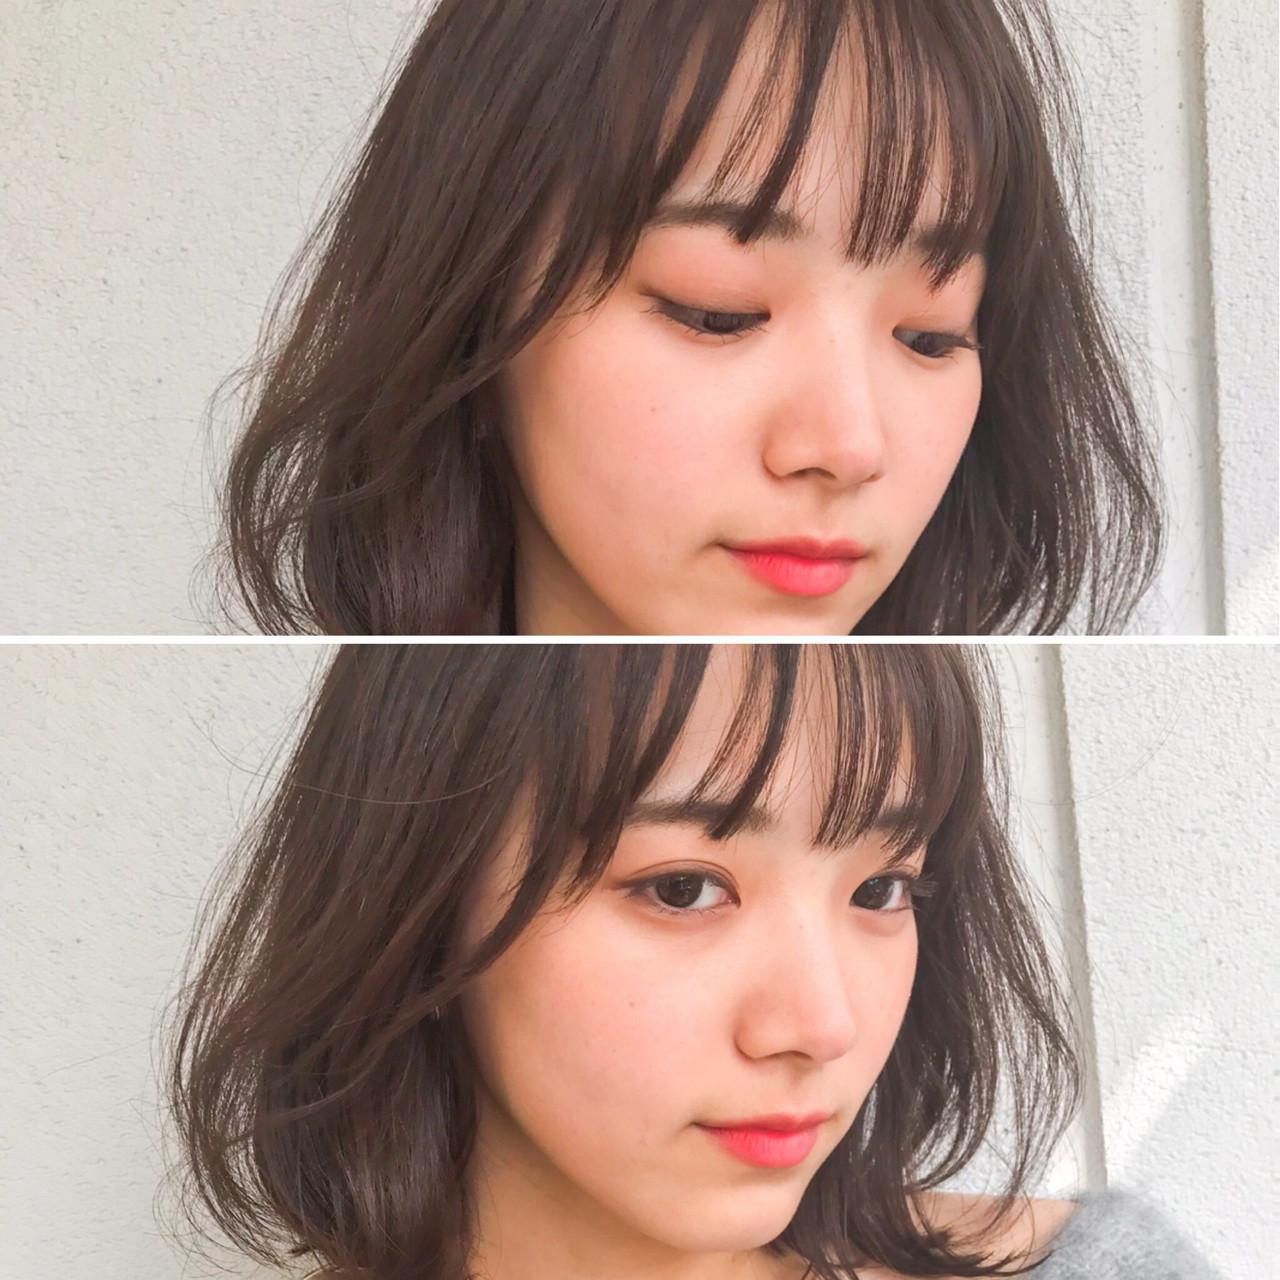 話題のモテヘア。薄め前髪【シースルーバング】に恋する予感…♡の5枚目の画像